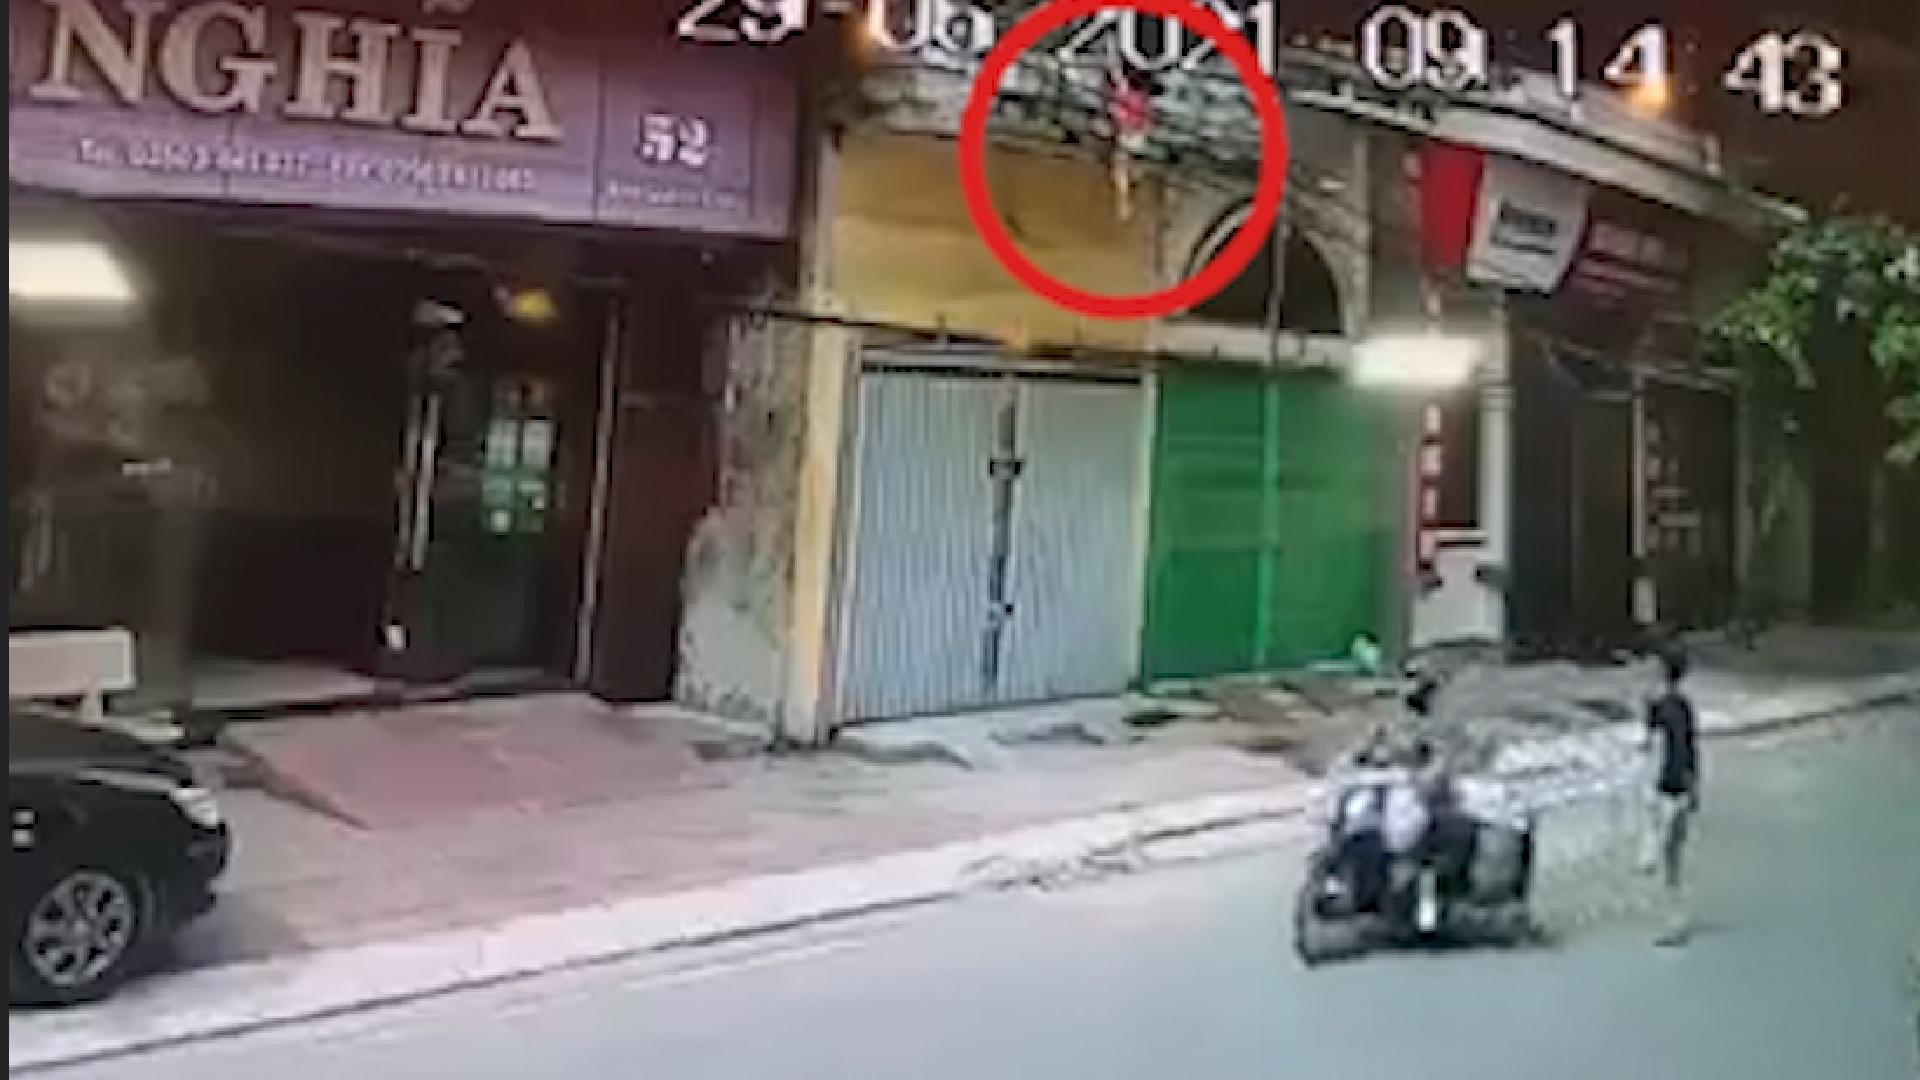 Camera ghi cảnh người đàn ông đỡ bé gái rơi từ tầng 2